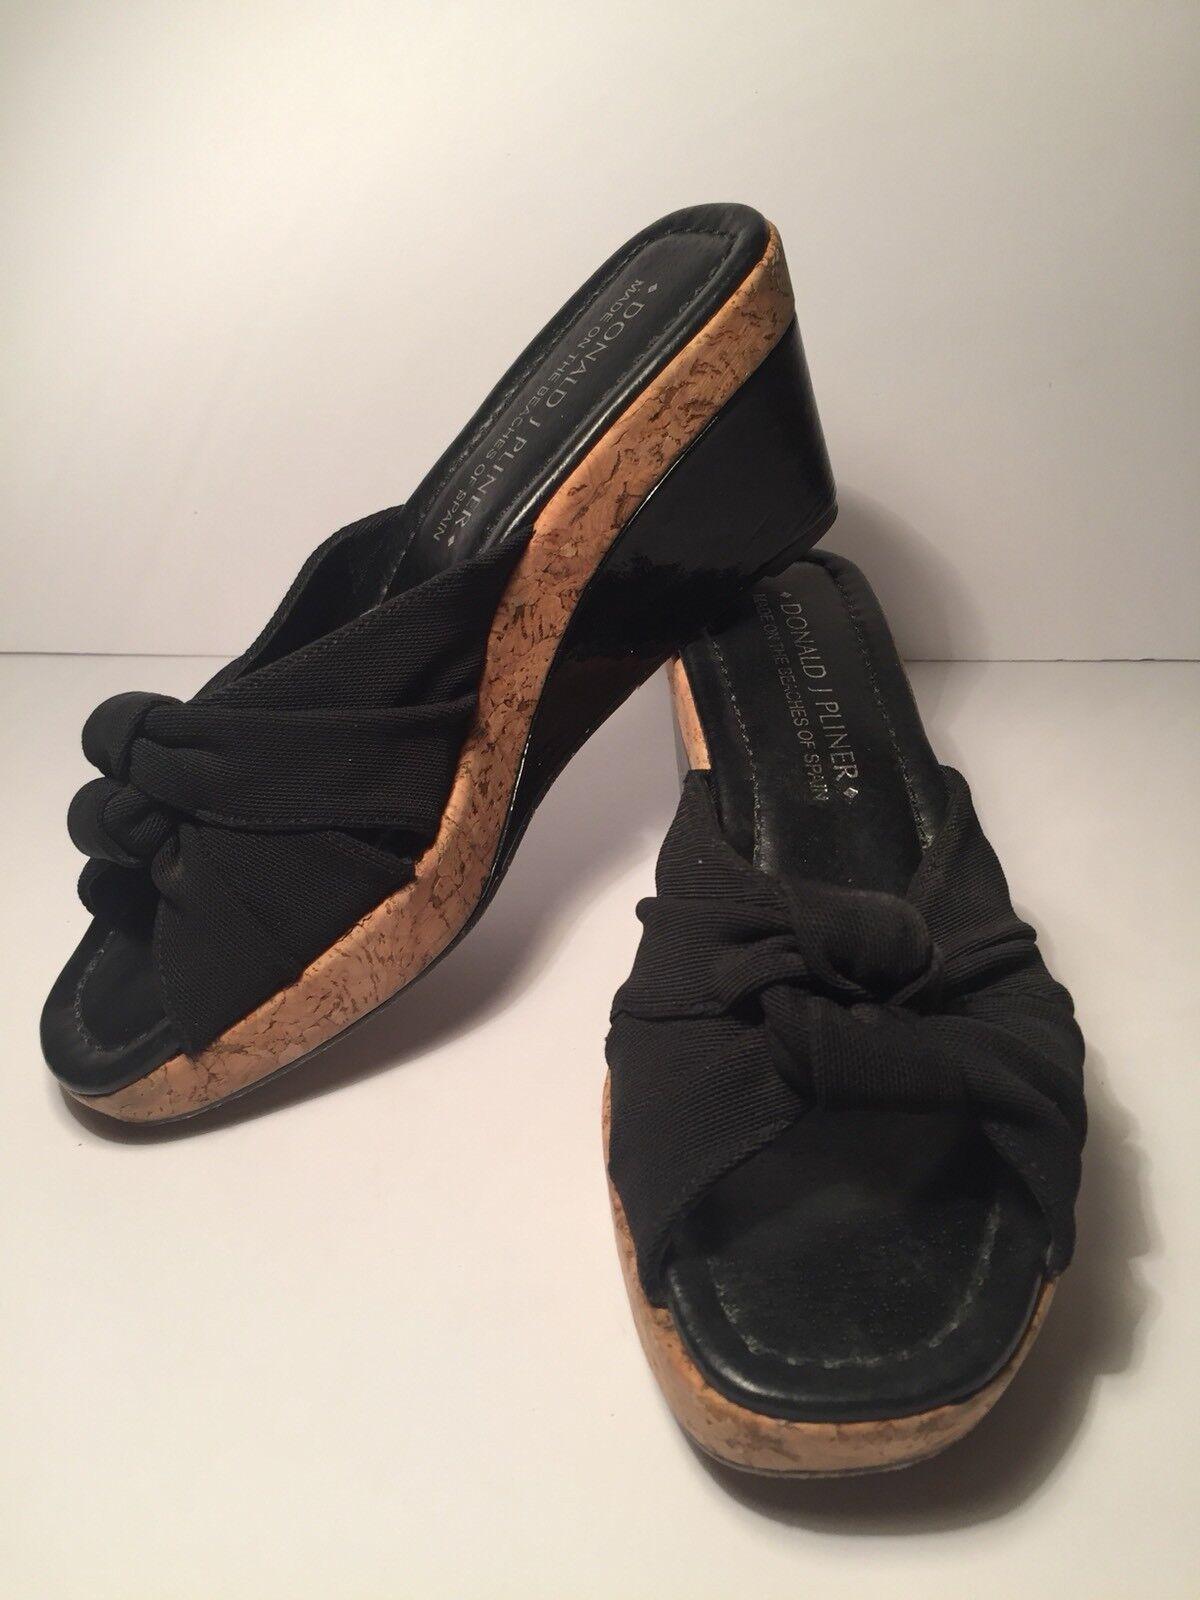 Donald J Pliner encanto para Mujer Corcho Corcho Corcho Cuña Resbalón En Sandalias Negro Tamaño 6M  295  genuina alta calidad